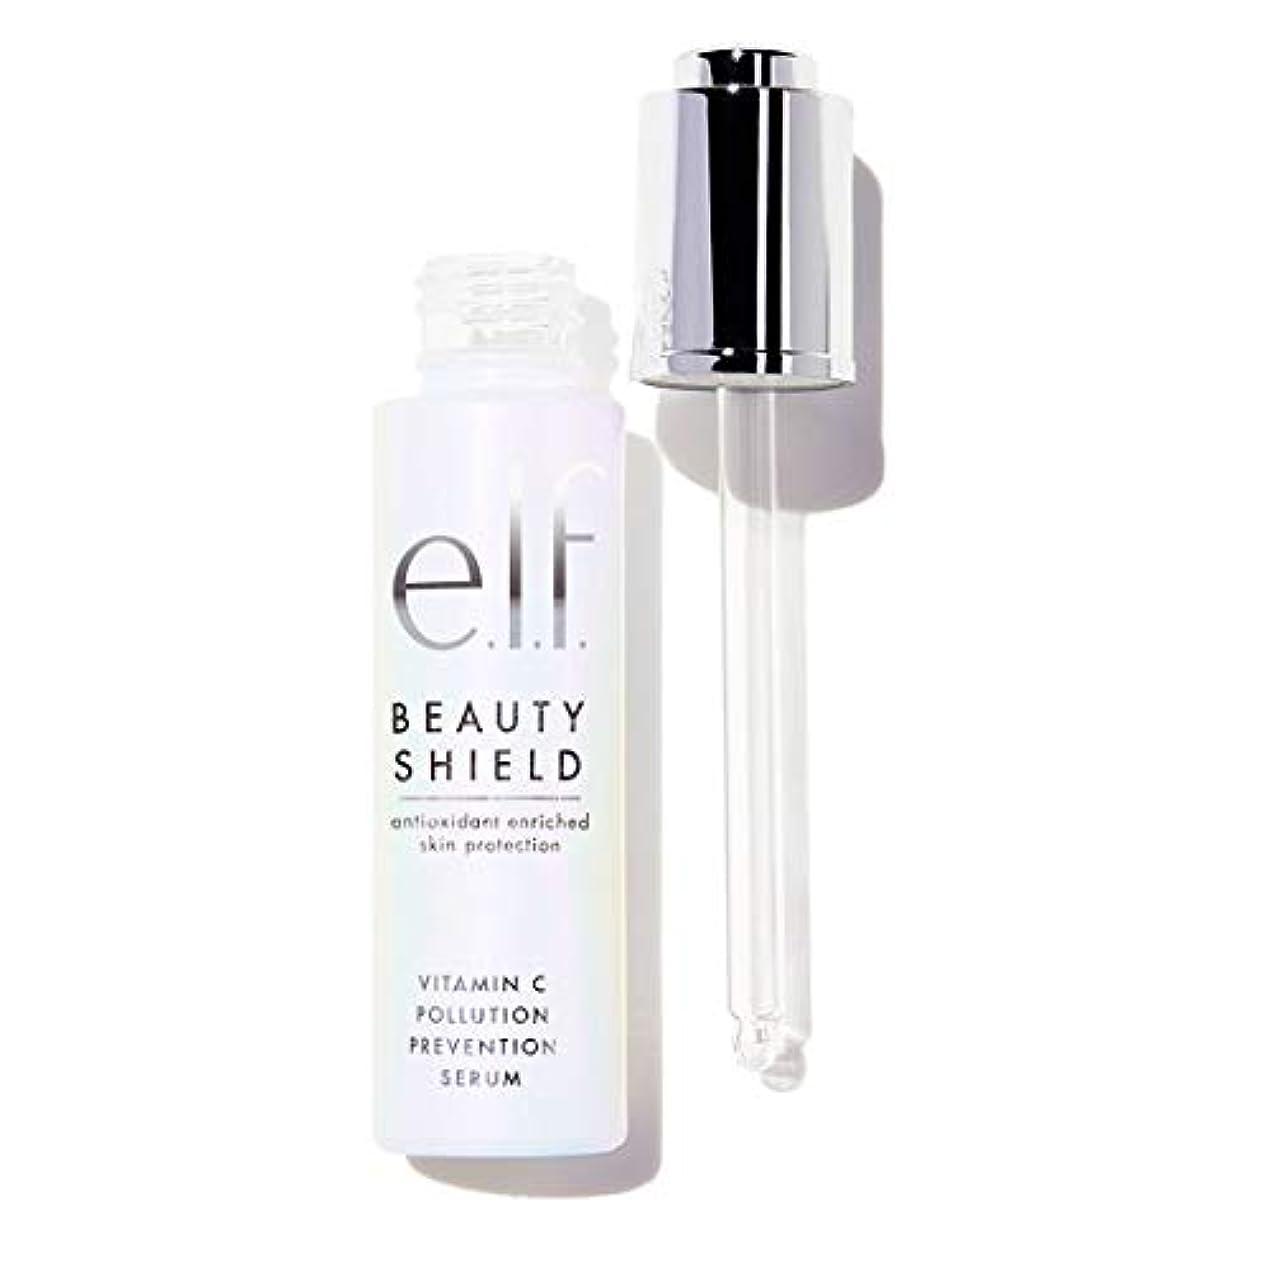 好奇心盛アグネスグレイ無臭e.l.f. Beauty Shield Vitamin C Pollution Prevention Serum (並行輸入品)